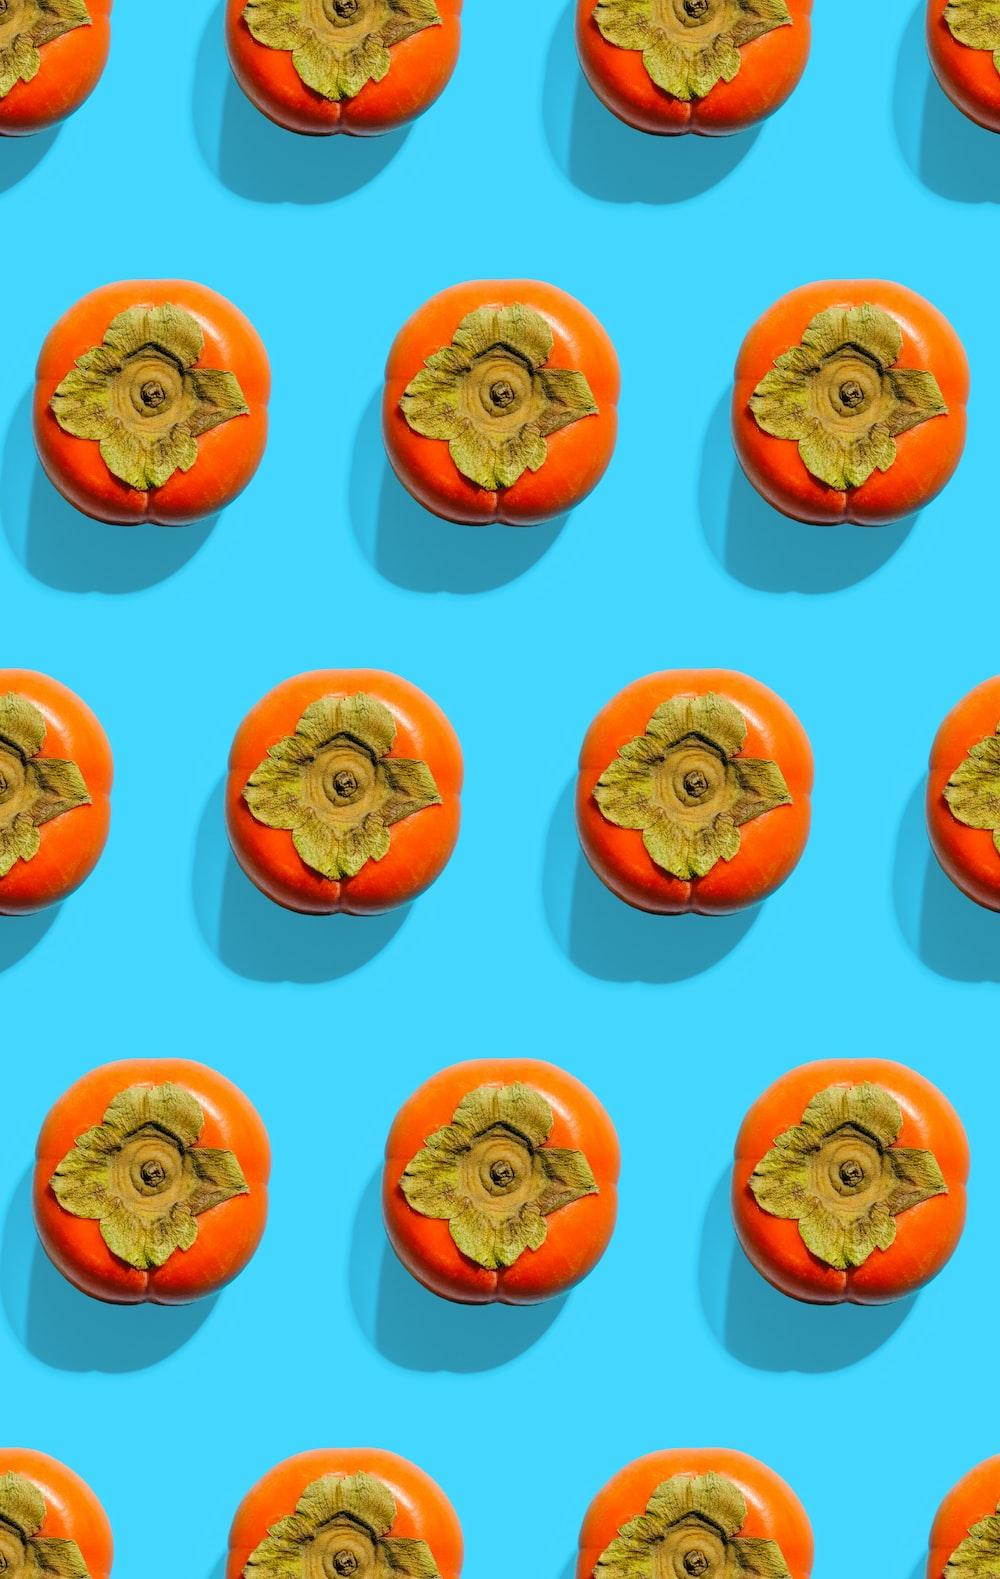 orange persimmon fruits